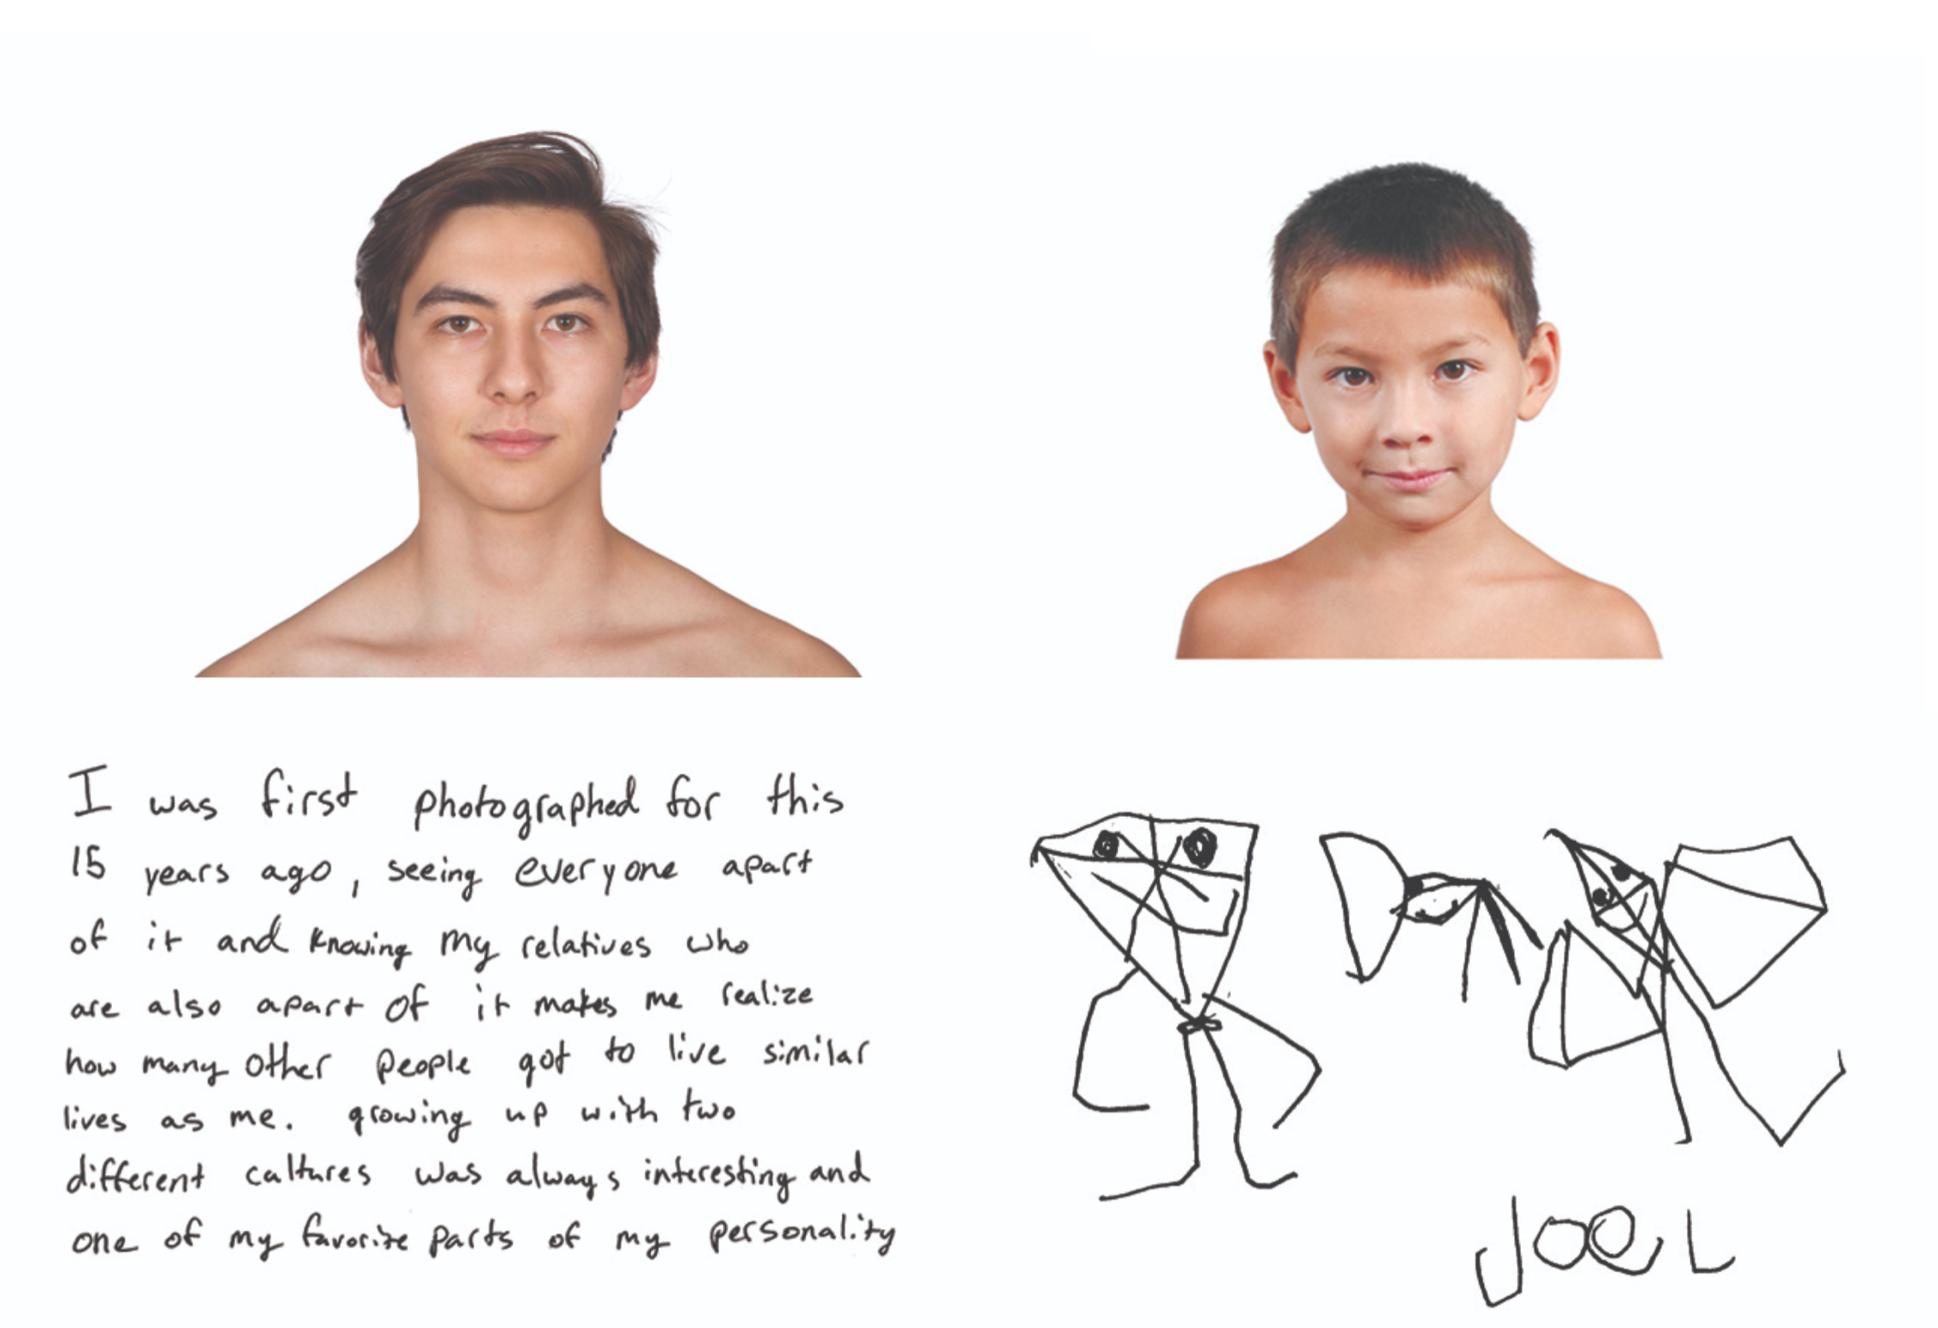 華裔混血攝影師陳小龍歷時近18年,拍照片記錄混血華裔外貌改變。圖為Kip Fulbeck的作品。(Kip Fulbeck提供)